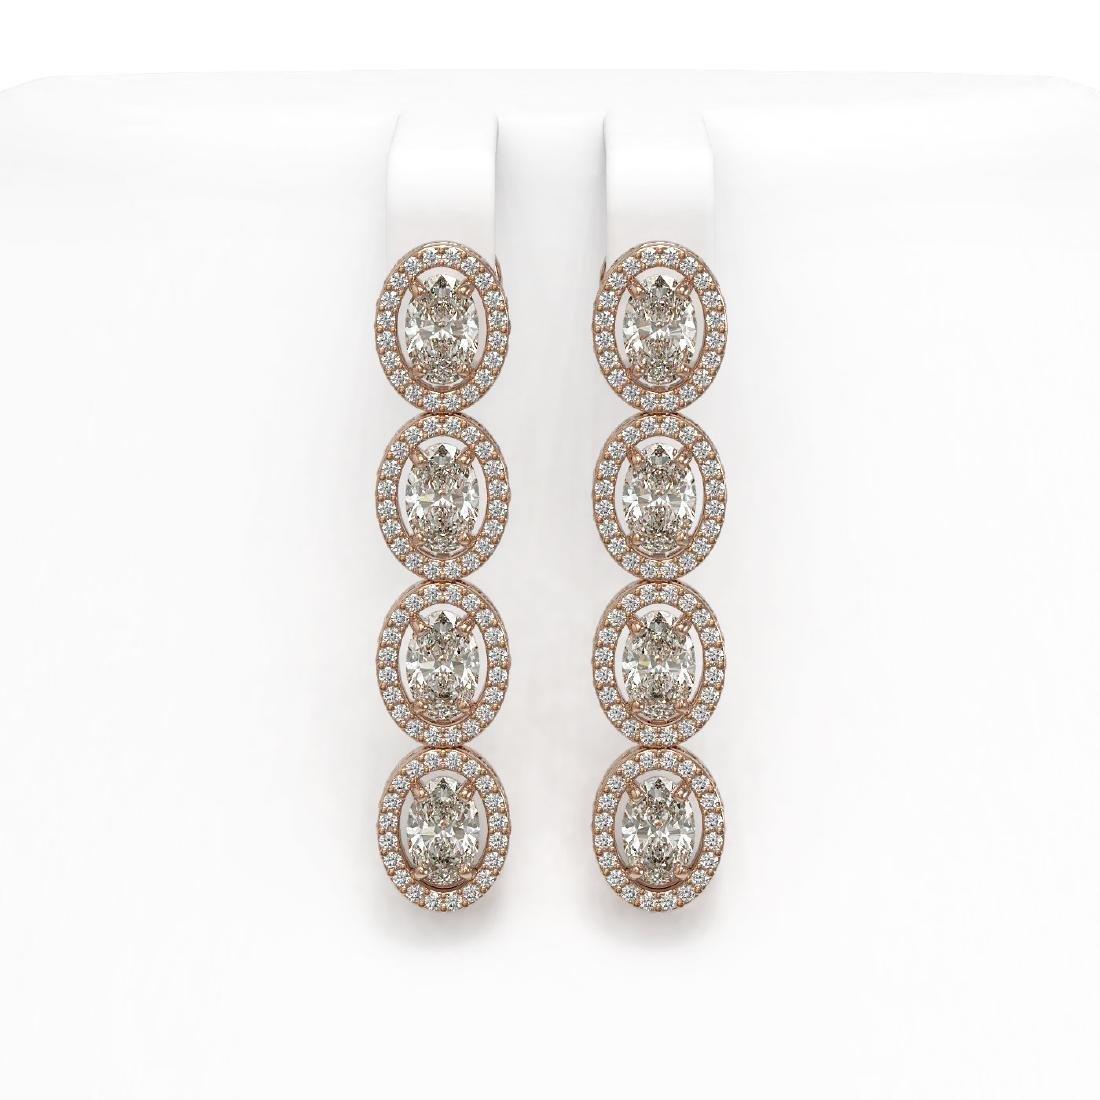 6.08 CTW Oval Diamond Designer Earrings 18K Rose Gold